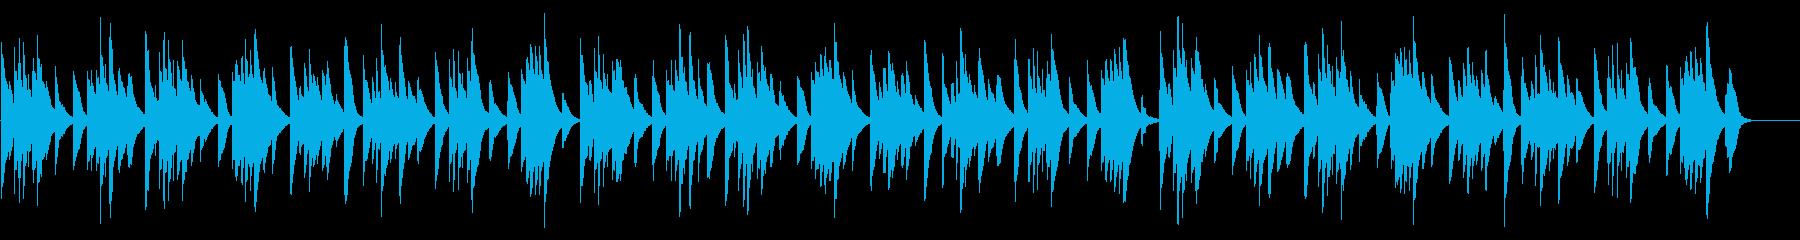 いつくしみ深き カード式オルゴールの再生済みの波形